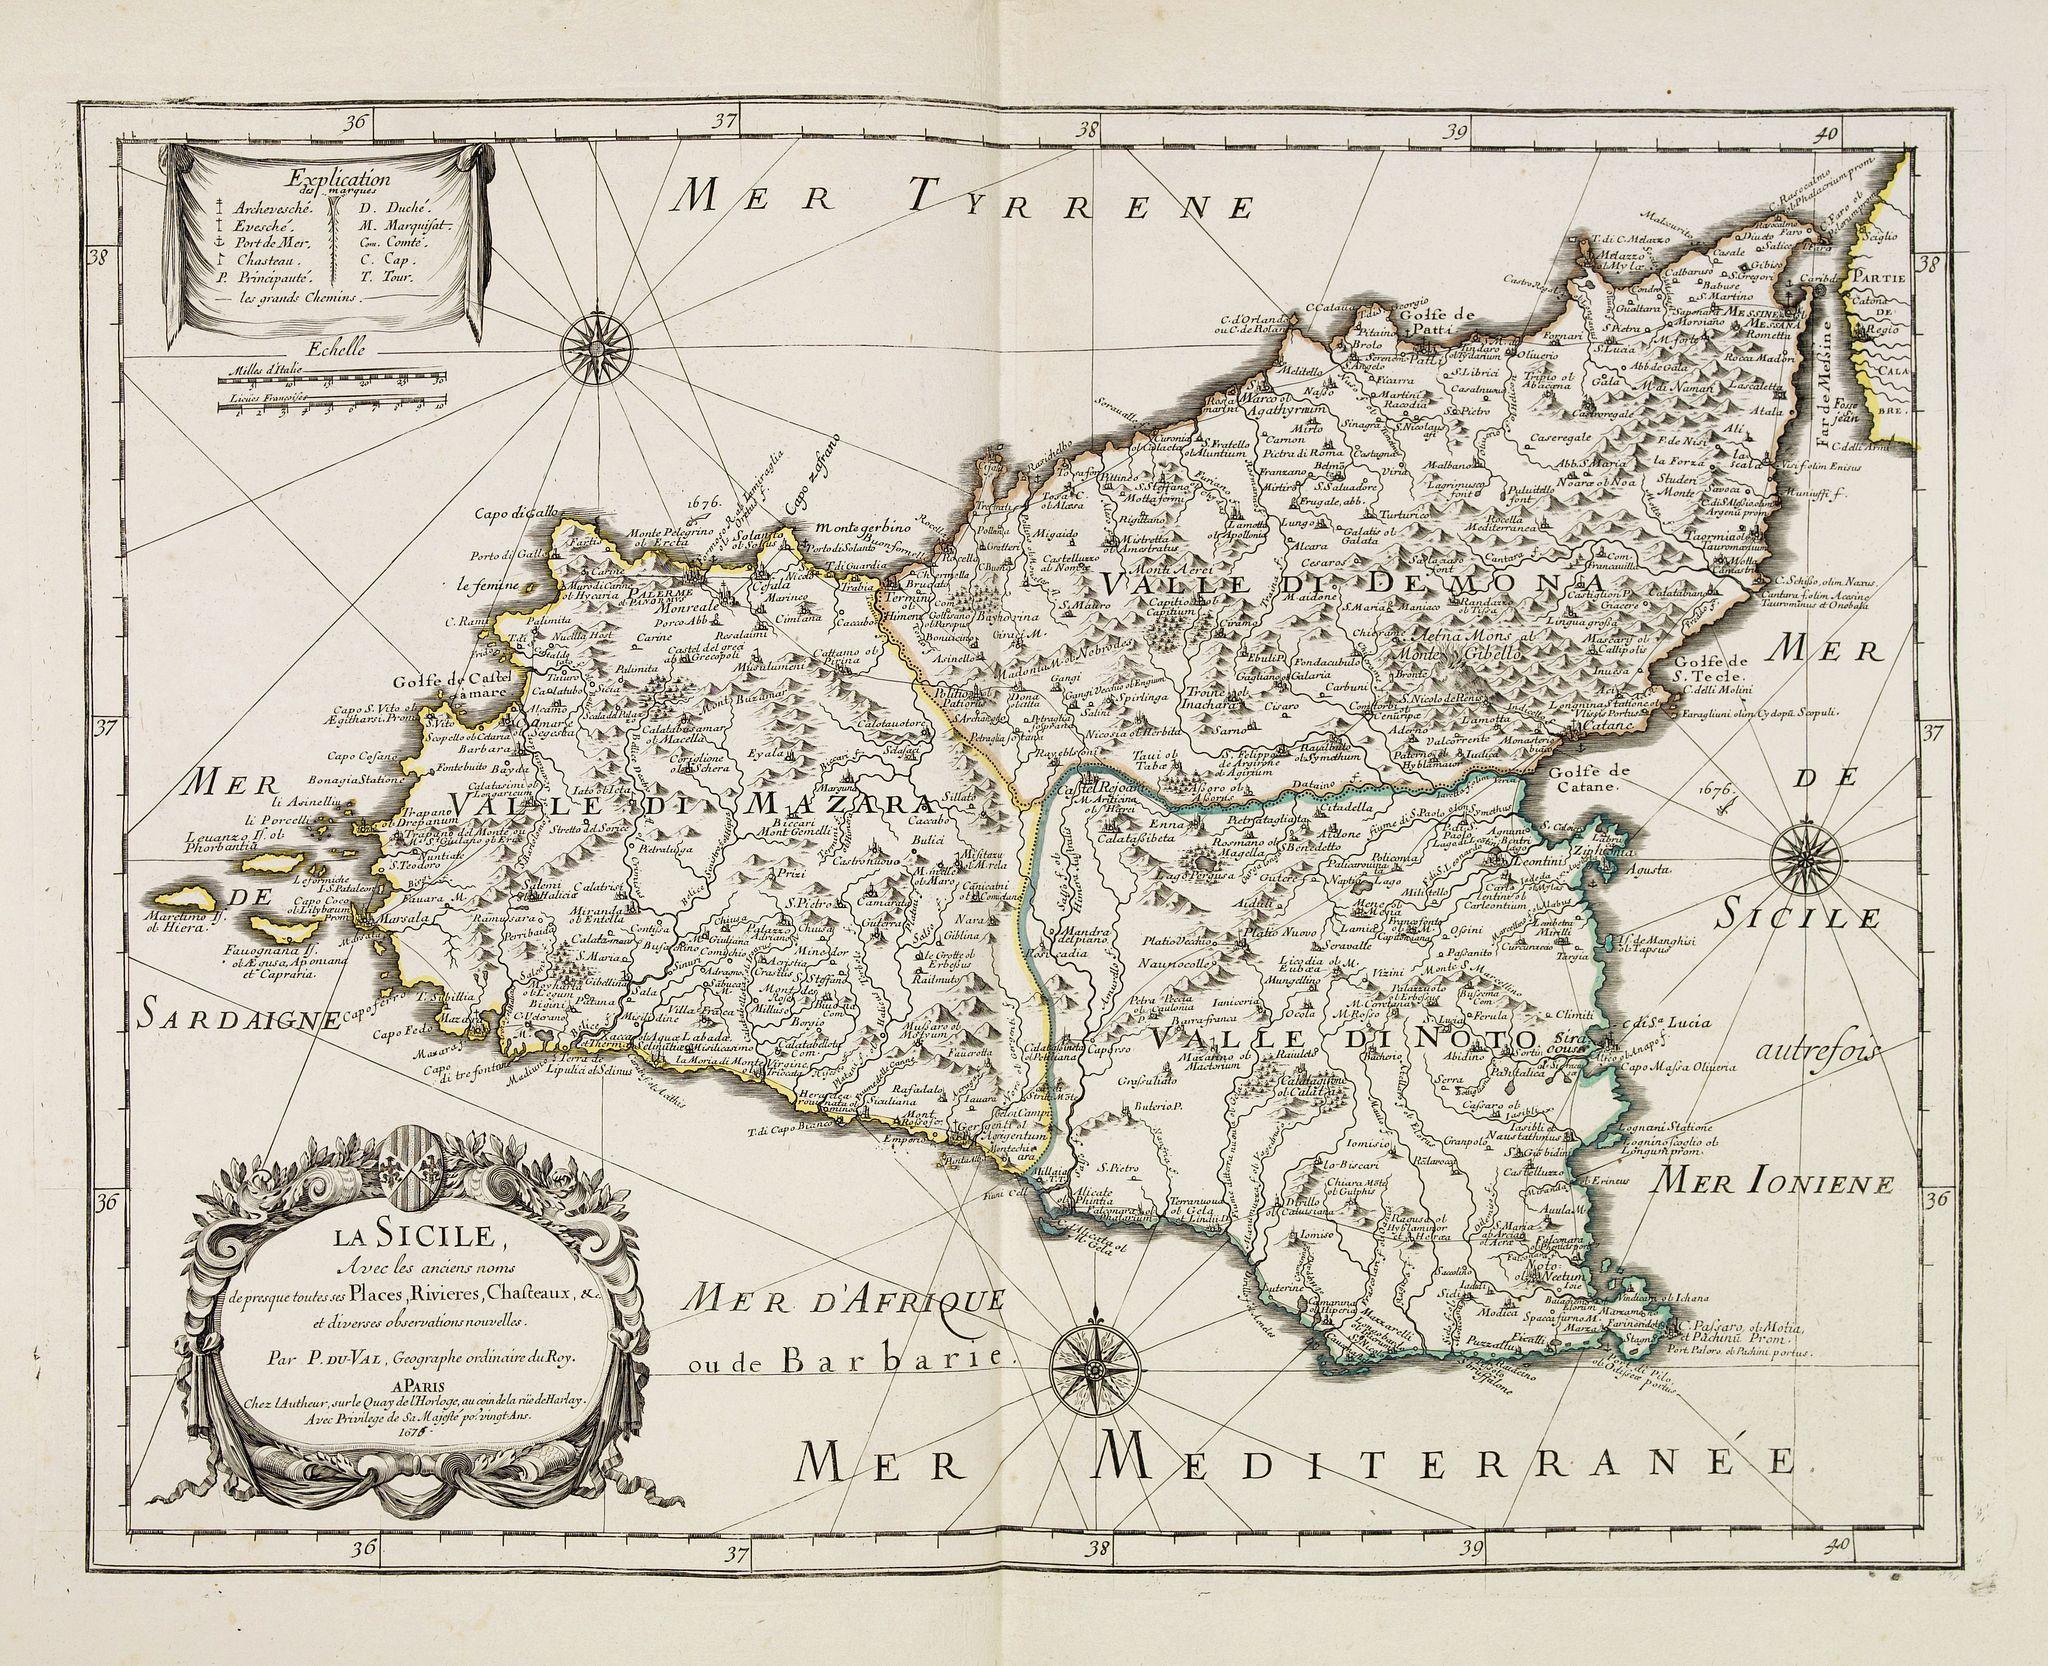 DU VAL, P. -  La Sicile, avec les anciens noms de presque toutes ses Places, Rivières, Chateaux &c. et diverses observations nouvelles . . .